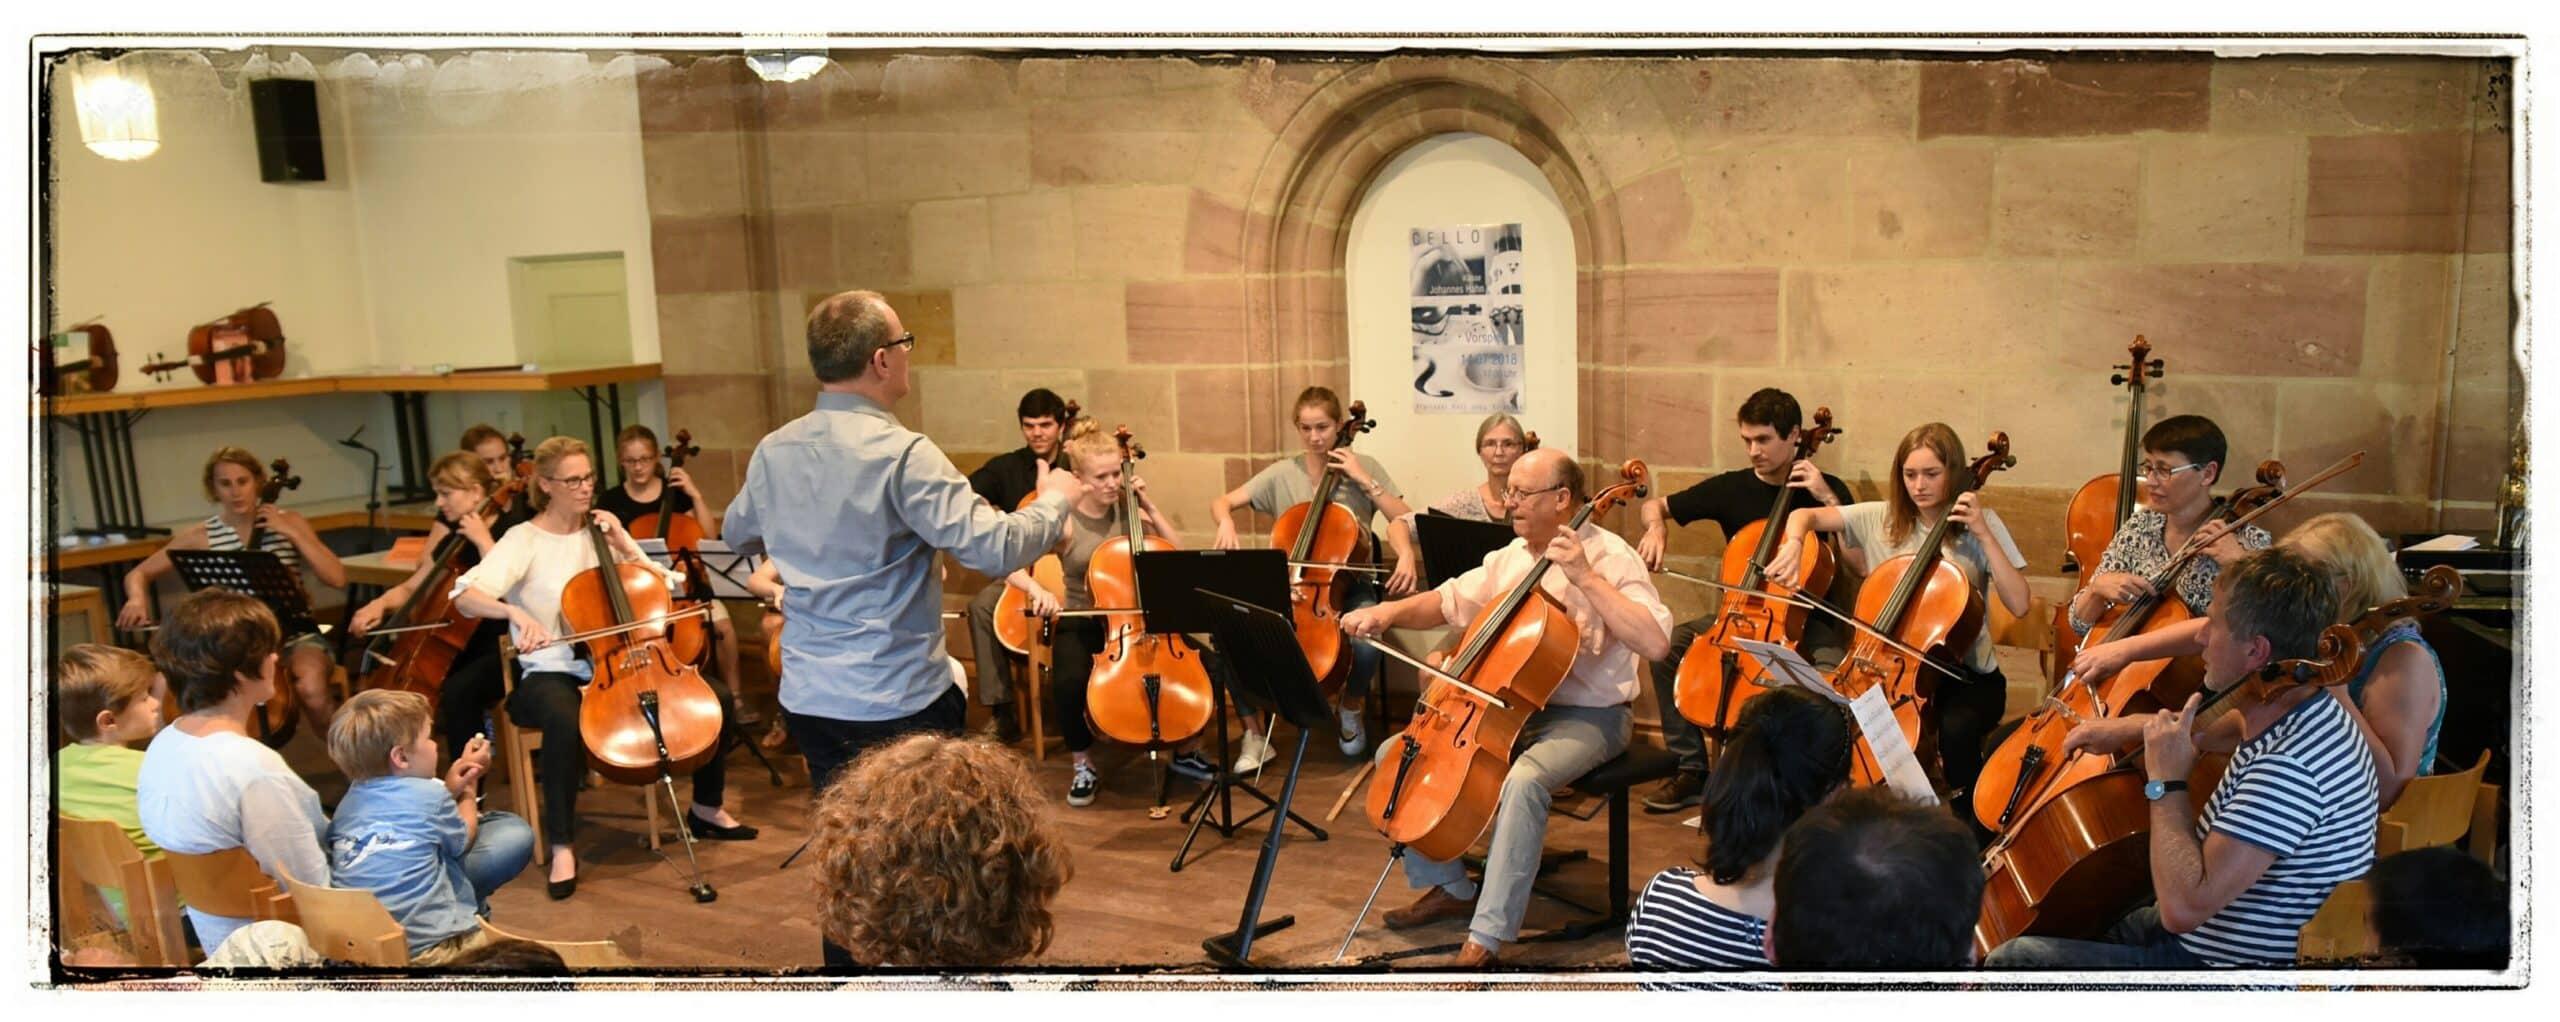 Viele jugendliche und erwachsene Leute Cello spielend